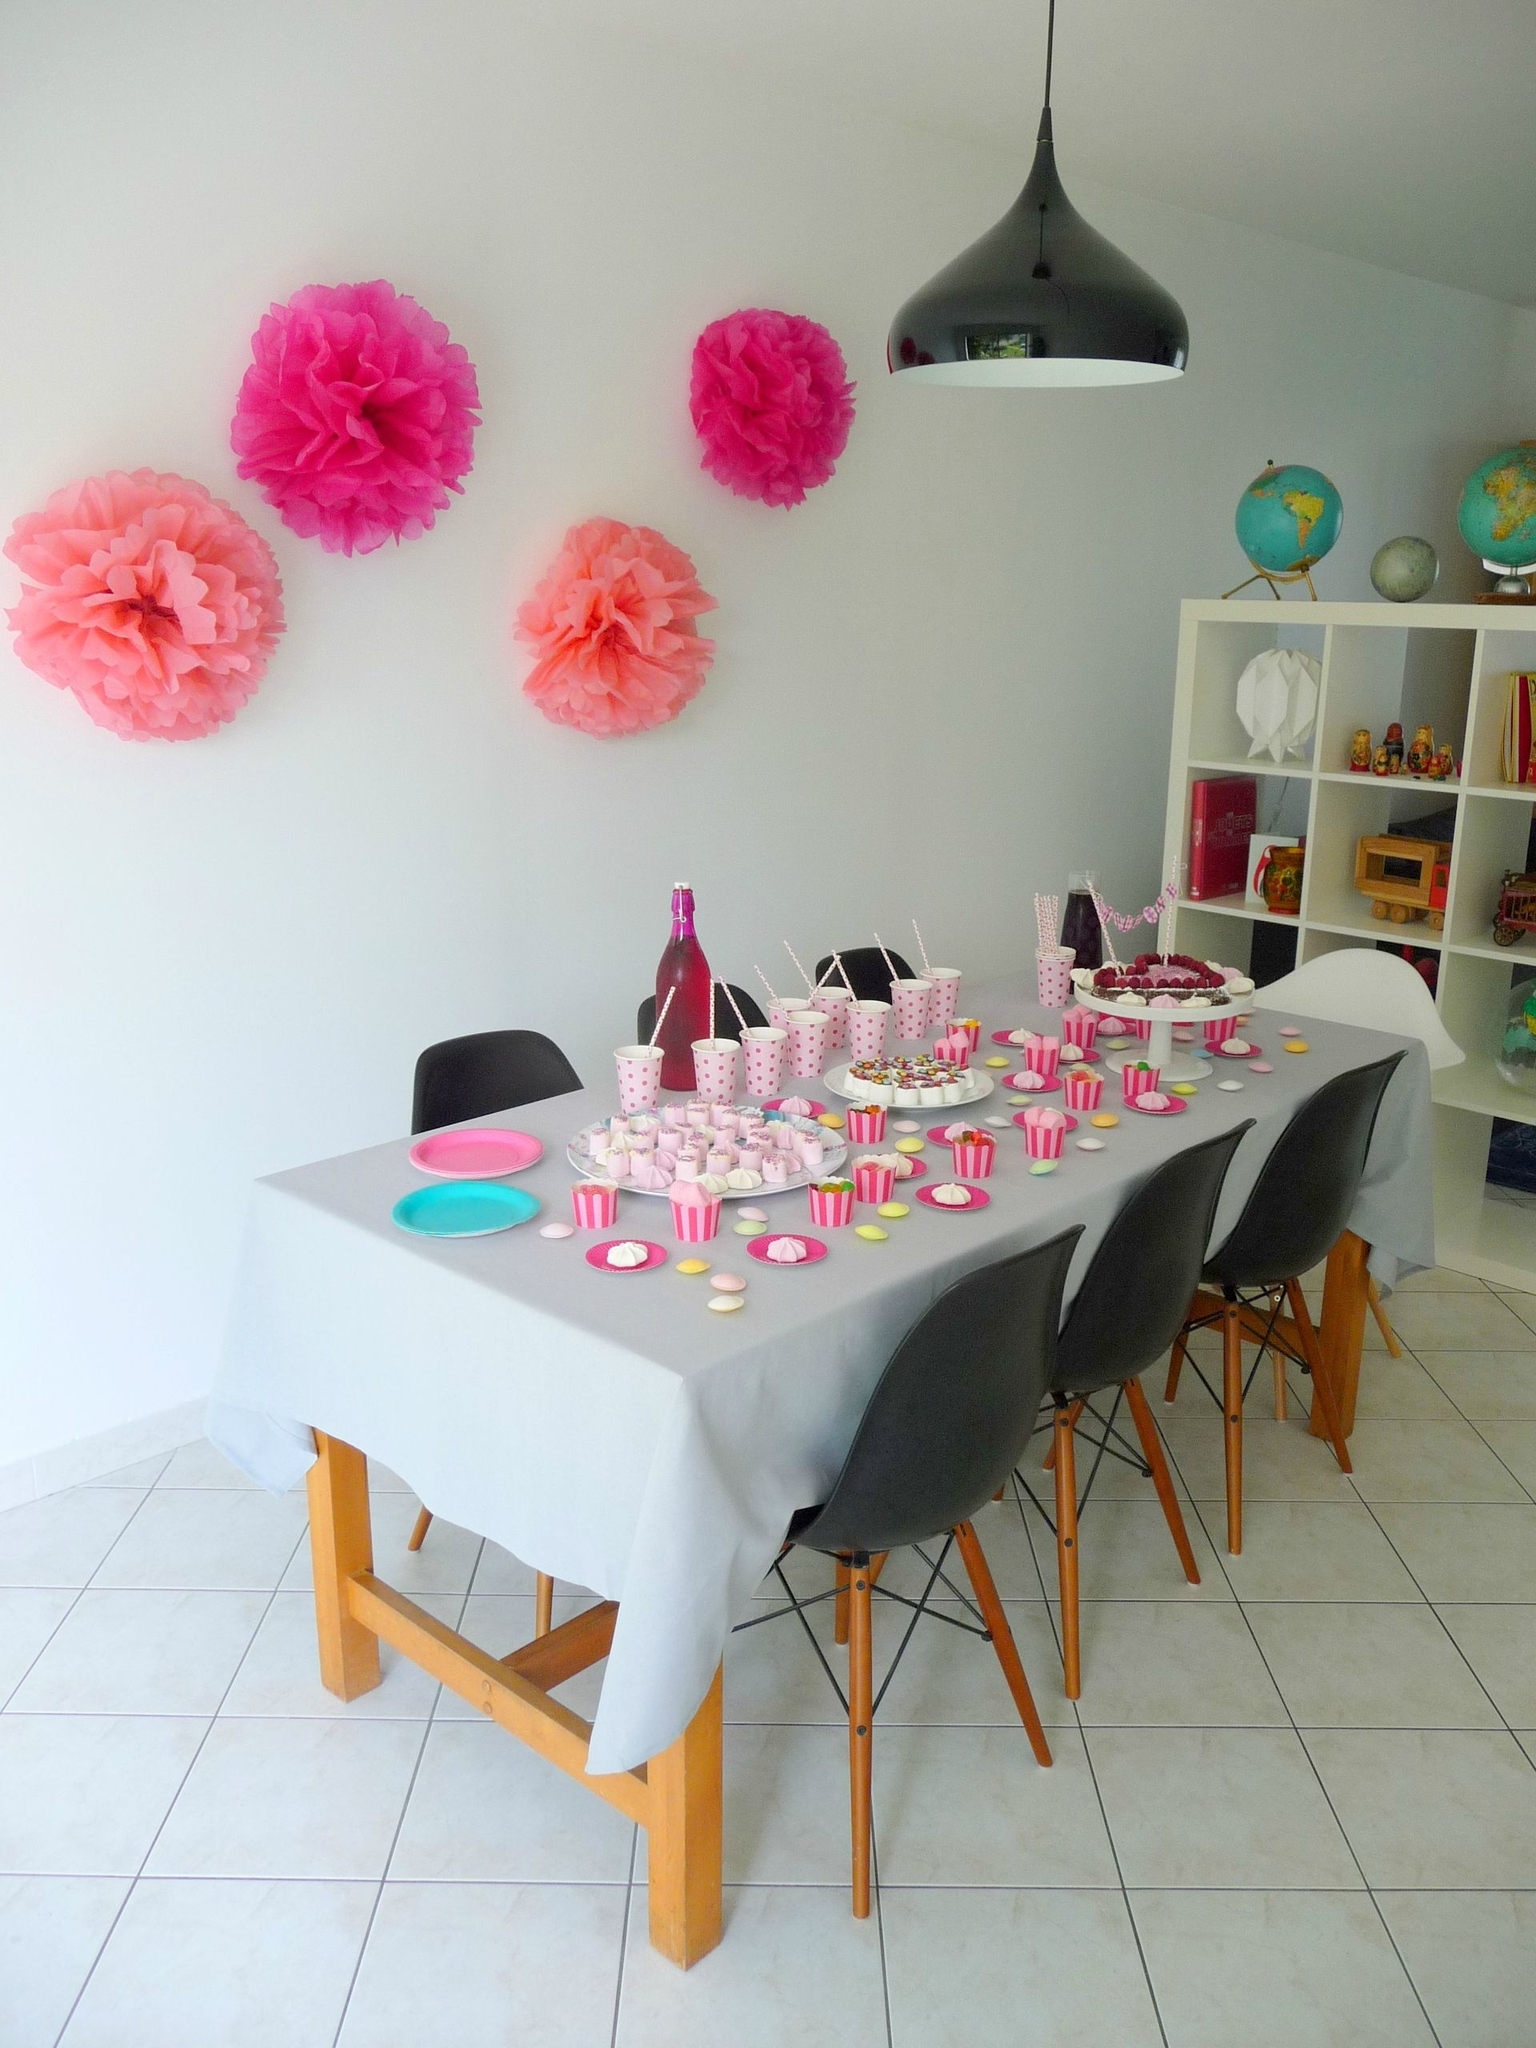 univers décoration maison pour anniversaire